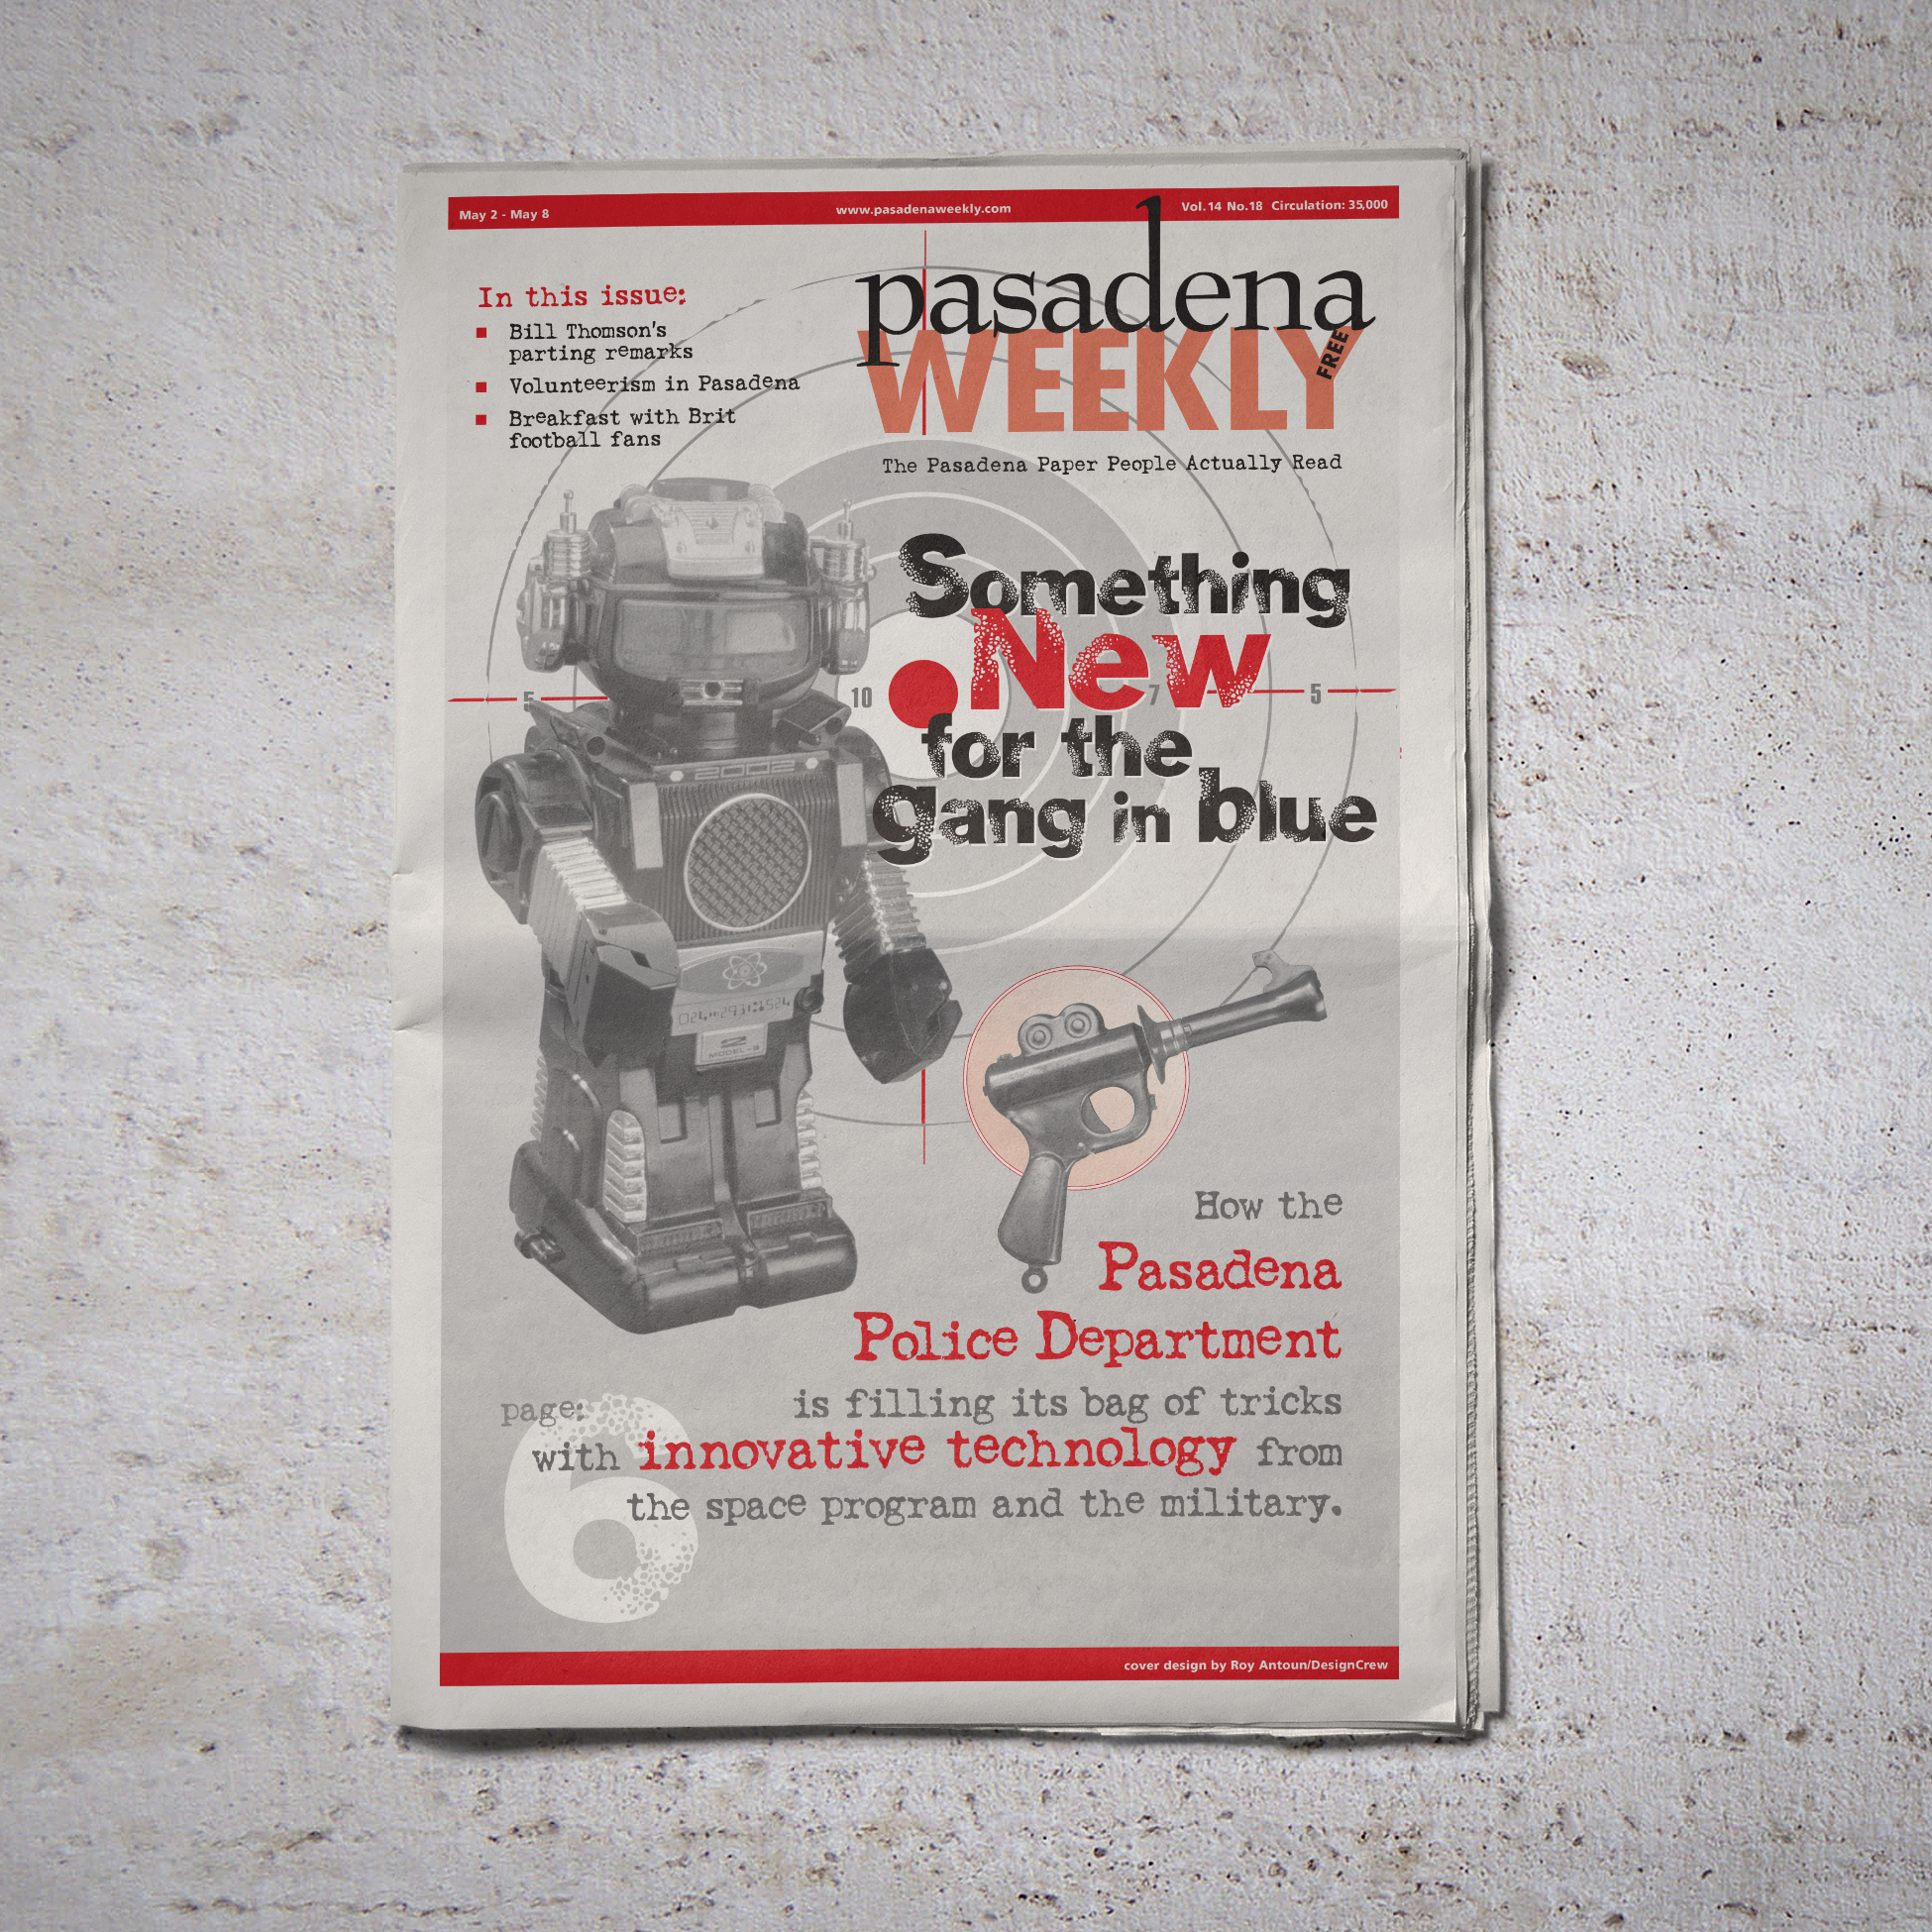 Pasadena_Weekly_Covers_03.jpg